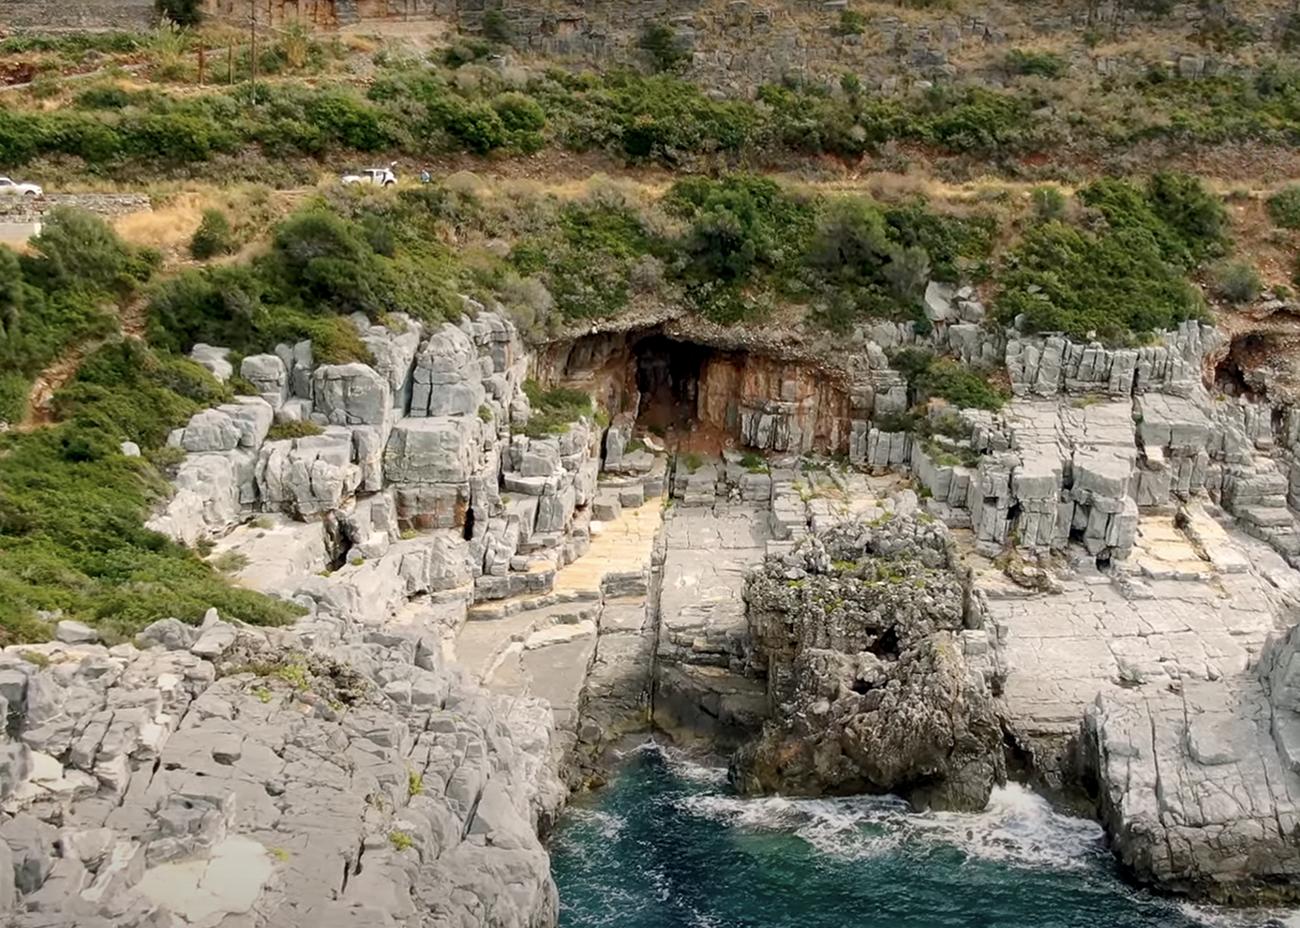 Καταφύγι: Η πιο άγρια παραλία της Ελλάδας από ψηλά